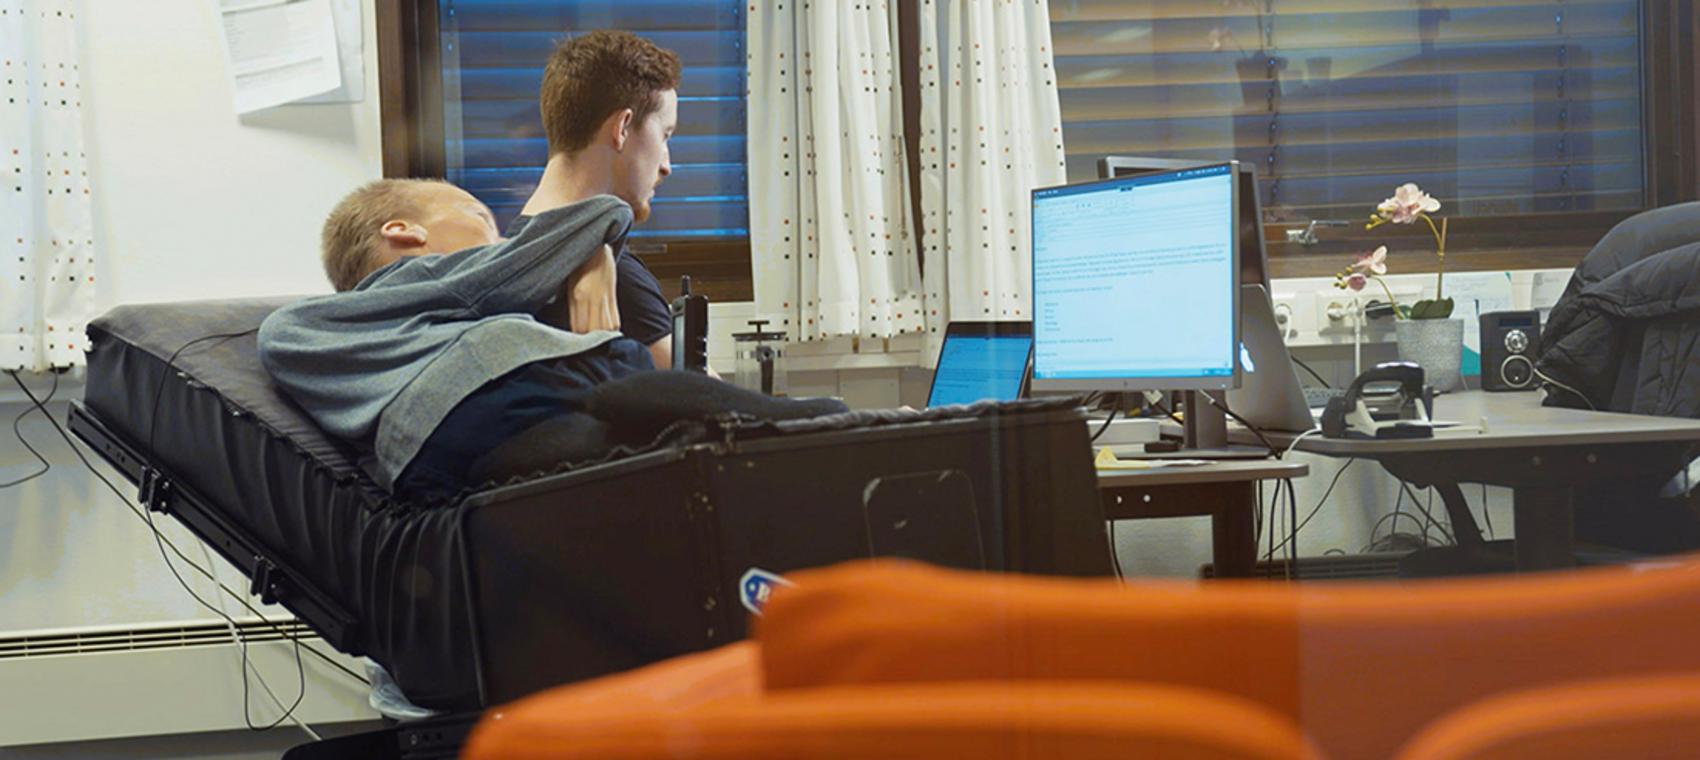 Torstein Lerhol som ligger i rullestol, får hjelp av assistenten sin fra stendi til å skrive på PC.